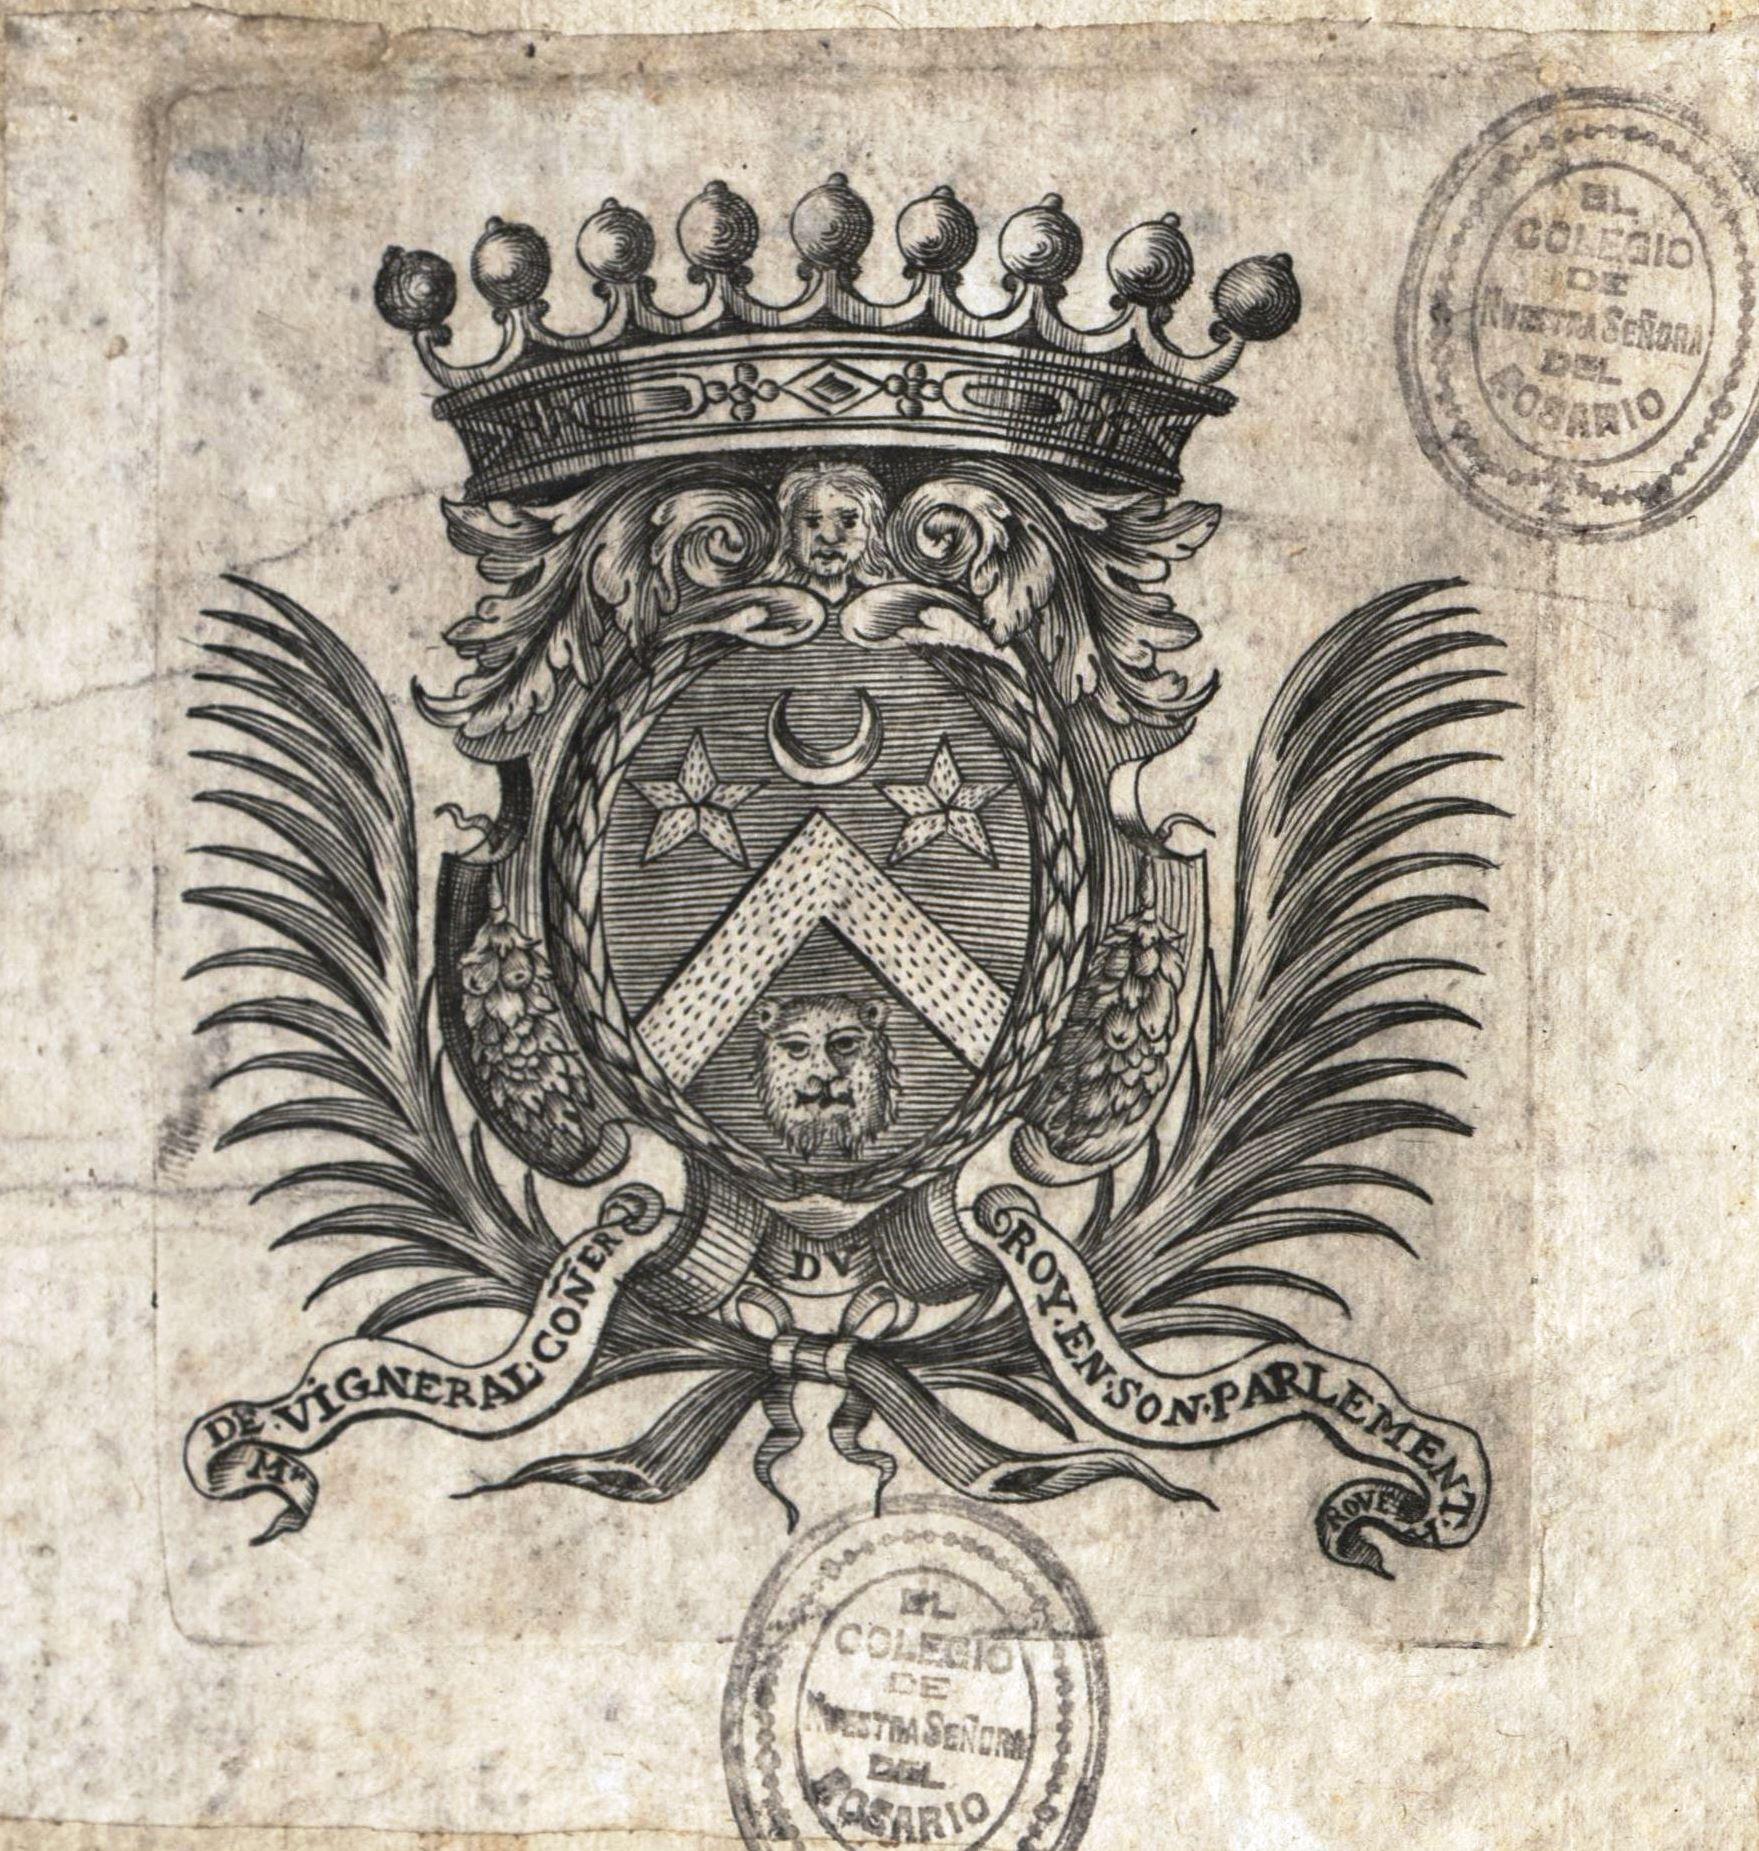 Hay referencia de Raoul de Vigneral de Canteloup, consejero en 1668, y de su hijo Guillaume de Vigneral de Sevray, consejero en 1702. Pero el ex libris figura ya en una edición alemana de Dionisio de Halicarnaso de 1586.